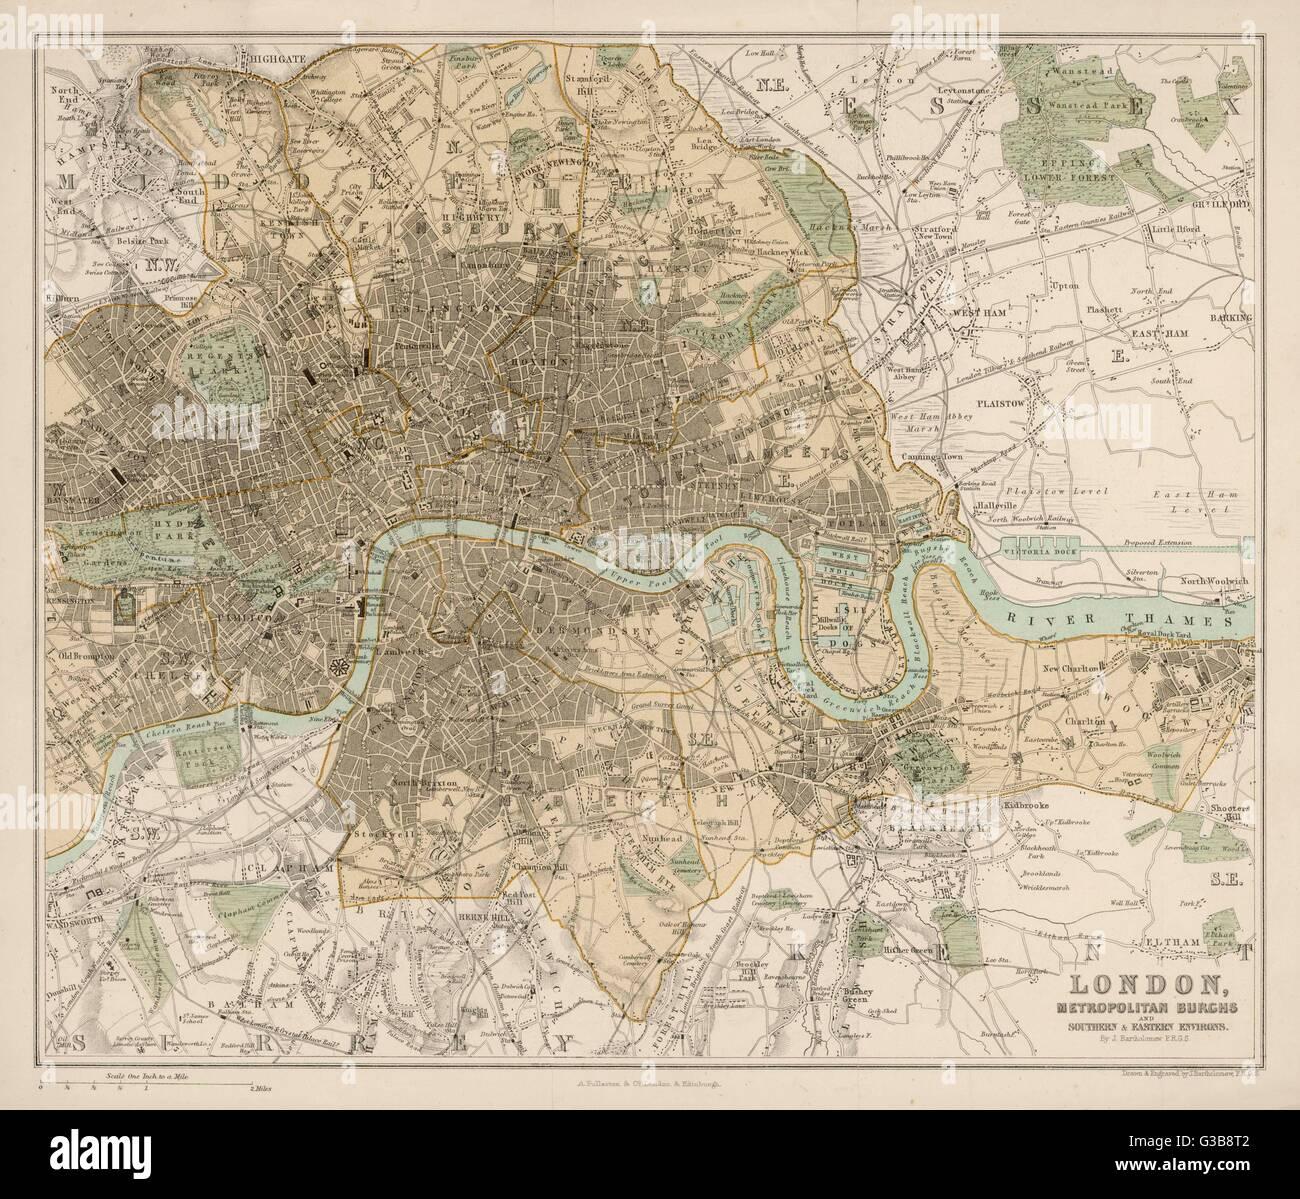 Plan de Londres et sa banlieue Date: 1878 Photo Stock